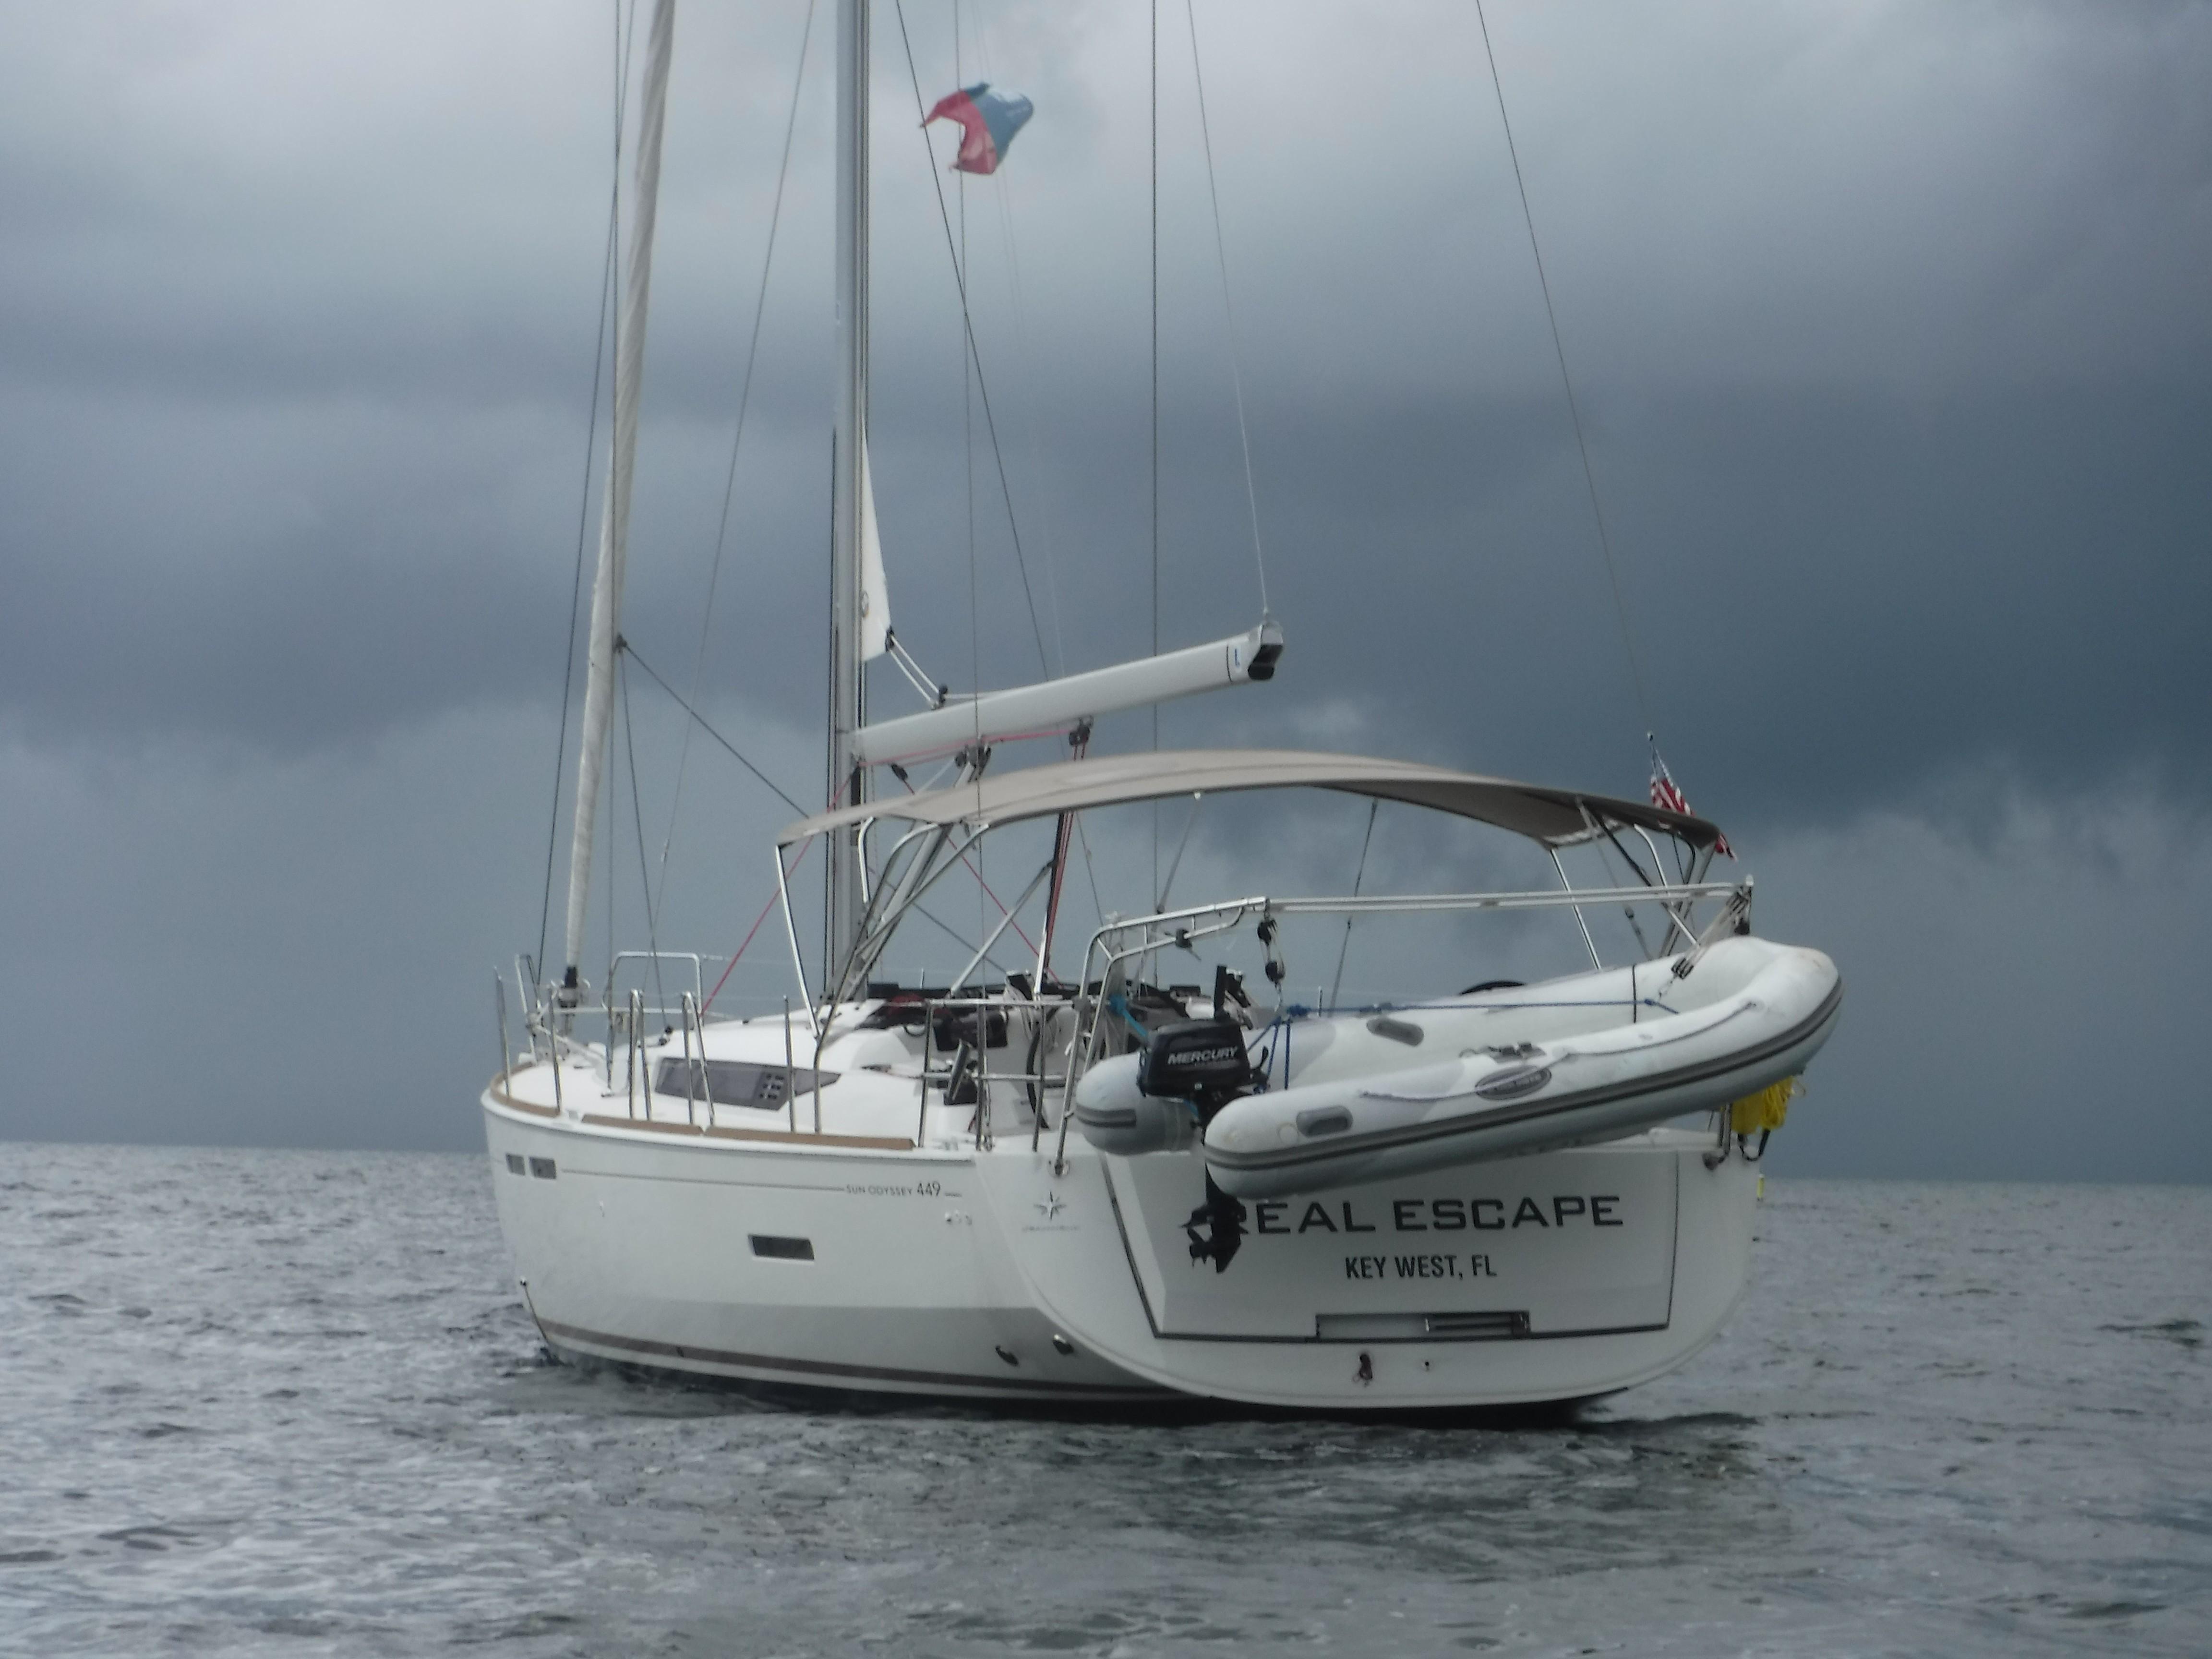 45 Jeanneau Real Escape 2016 Key West | Denison Yacht Sales